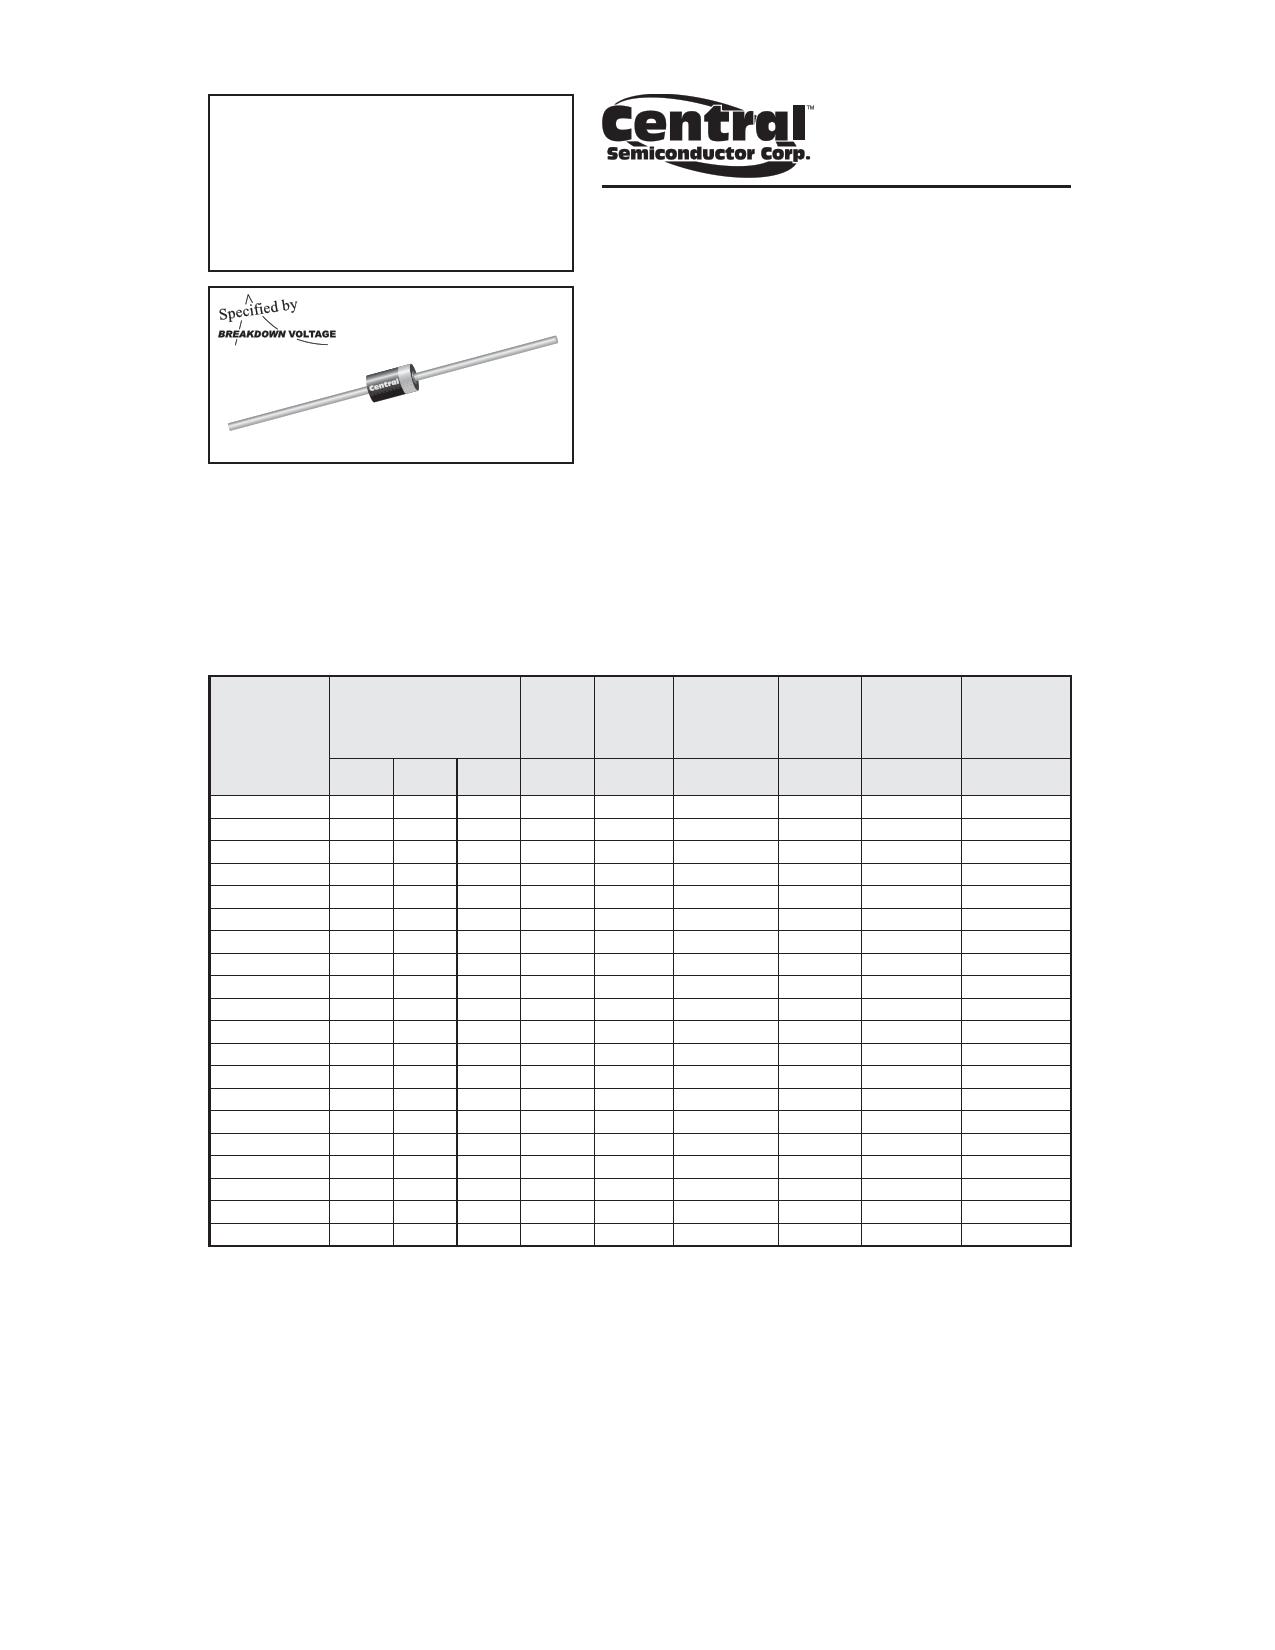 1.5CE43CA datasheet